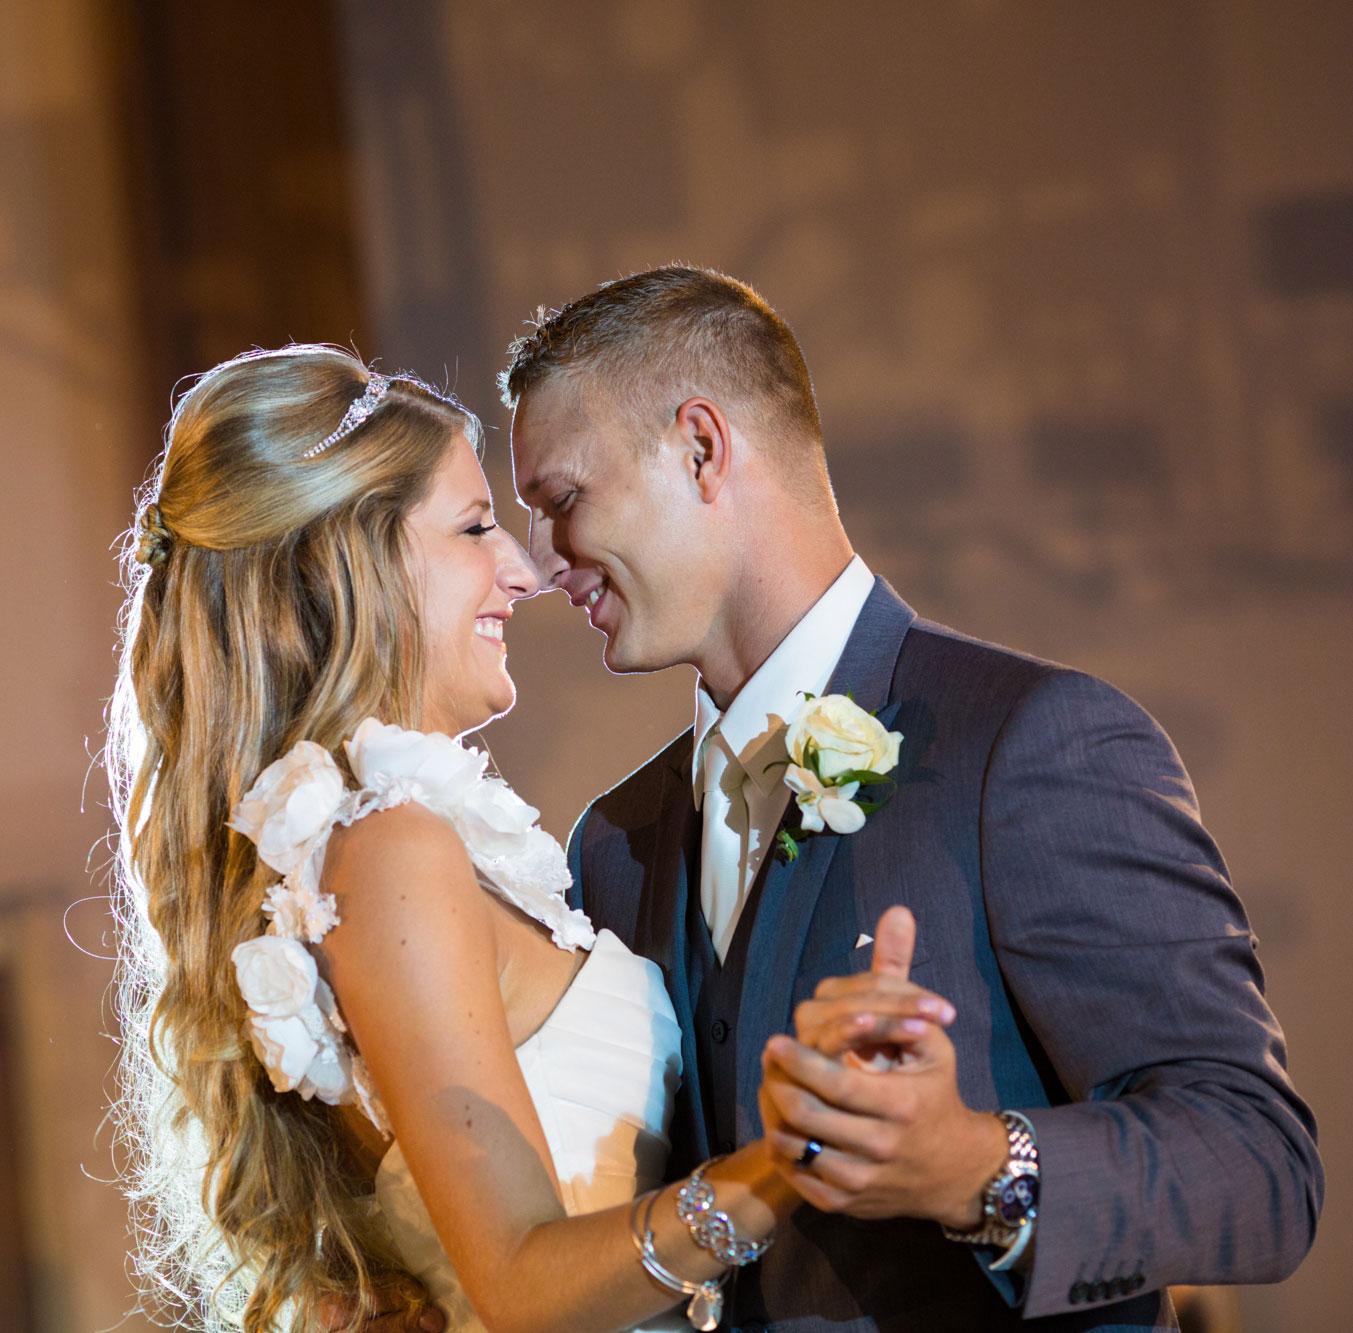 A Destination Wedding in the Pocono Mountains